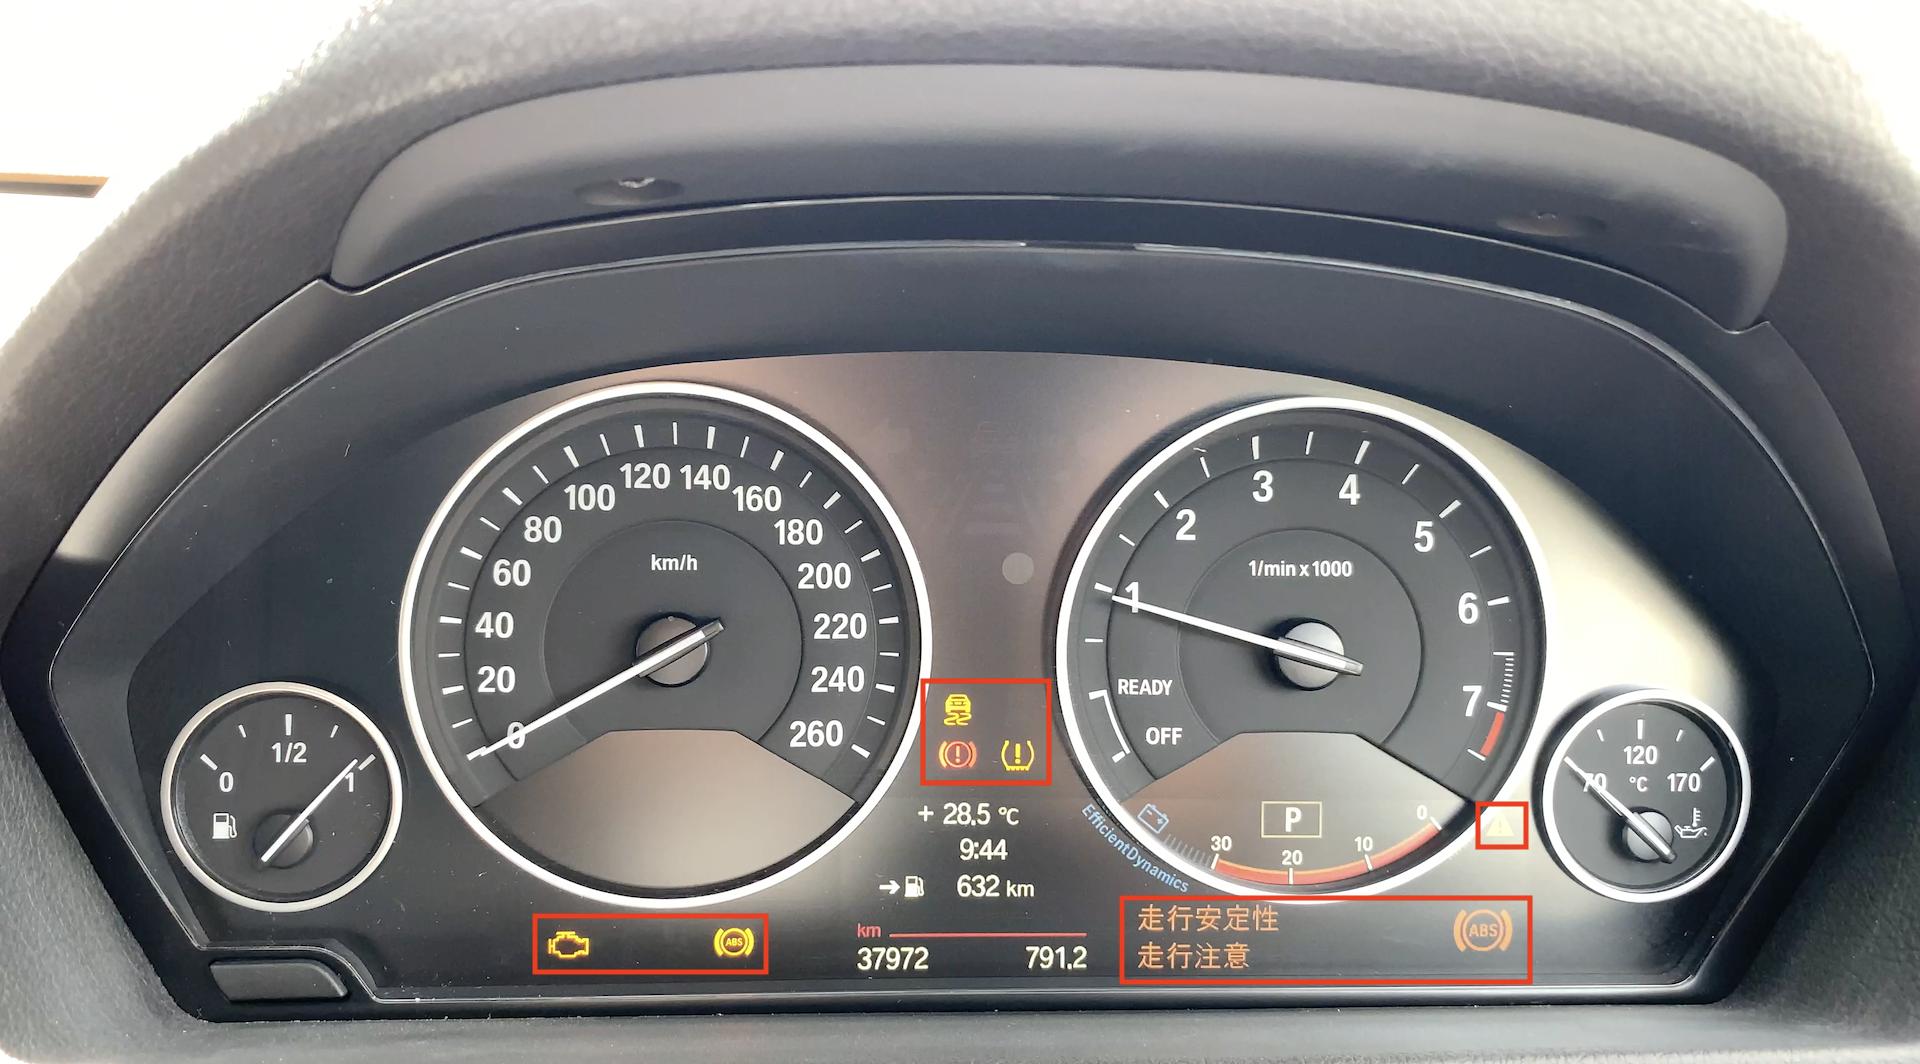 【故障】BMW320i(F30)にて、「走行安定性」「走行注意」の異常ランプが点灯し、さまざまな警告が表示された!